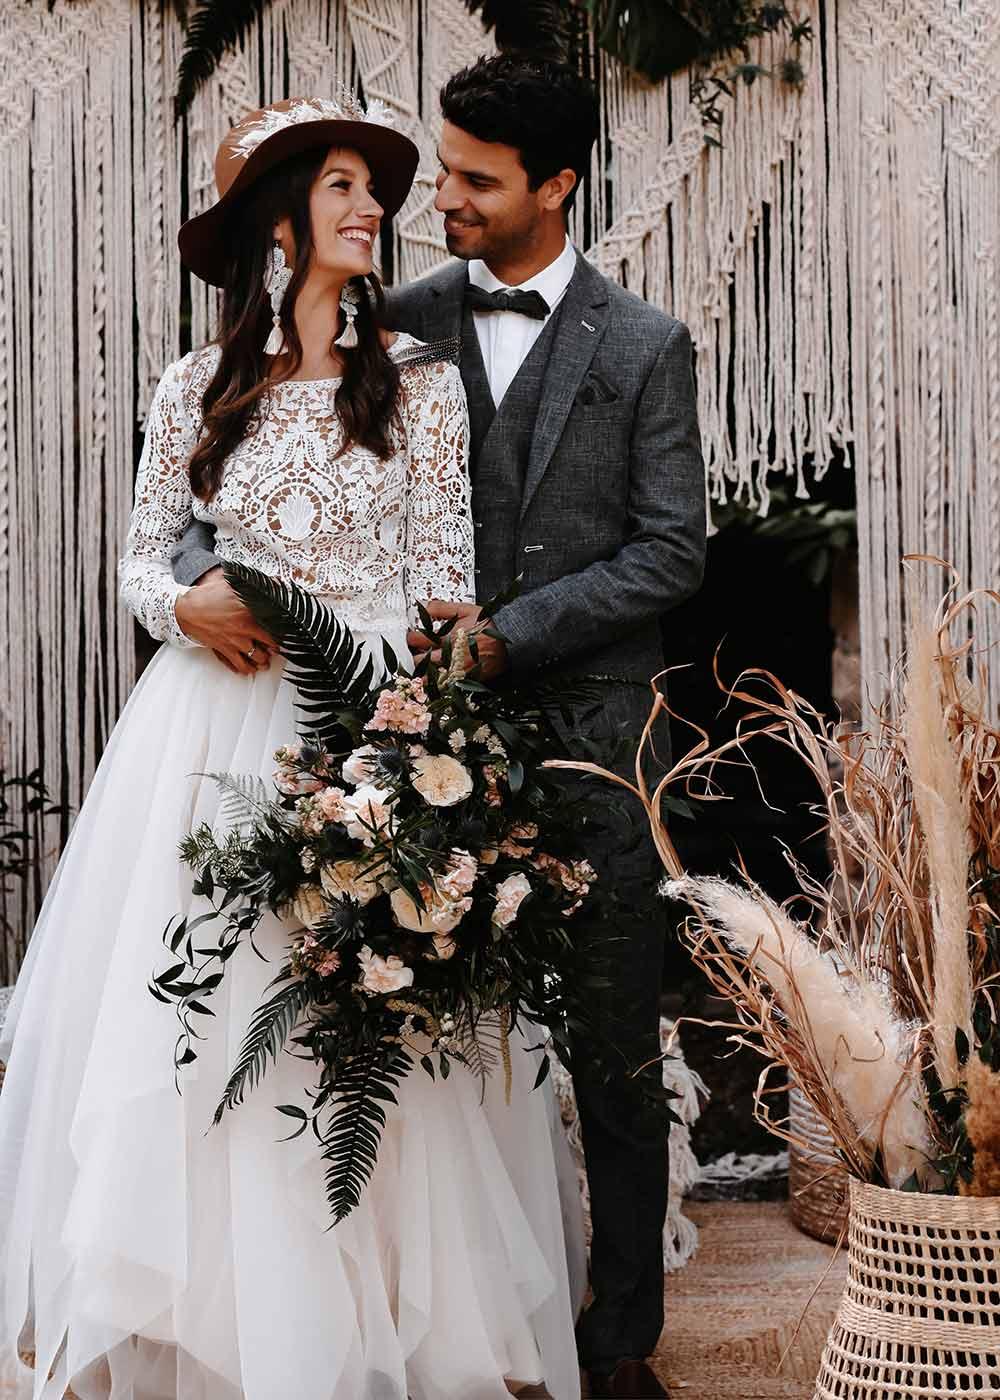 Das Brautpaar blickt sich verliebt und glücklich in die Augen und steht mit dem Brautstrauß in der Hand eng umschlungen vor der Traulocation.